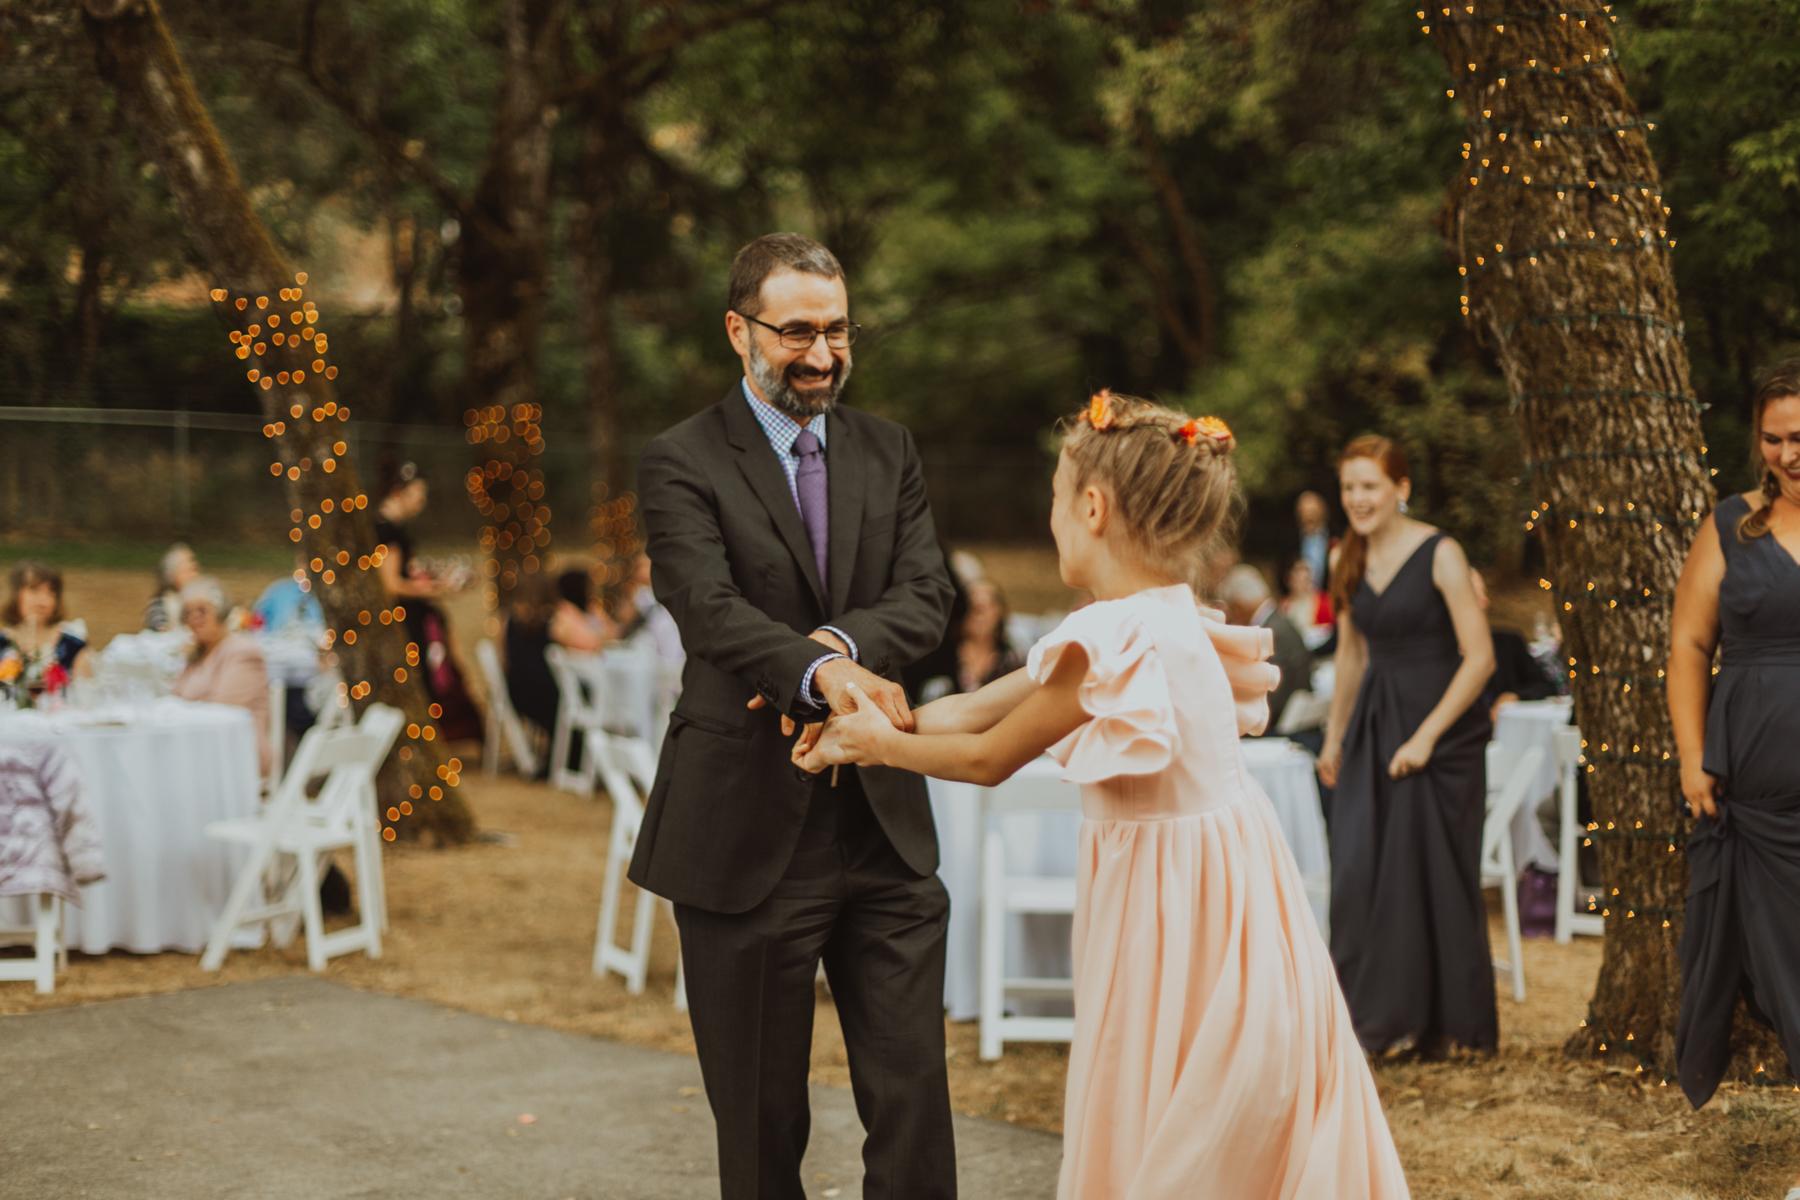 WB 09.08.18   Robinson Wedding 0227.JPG